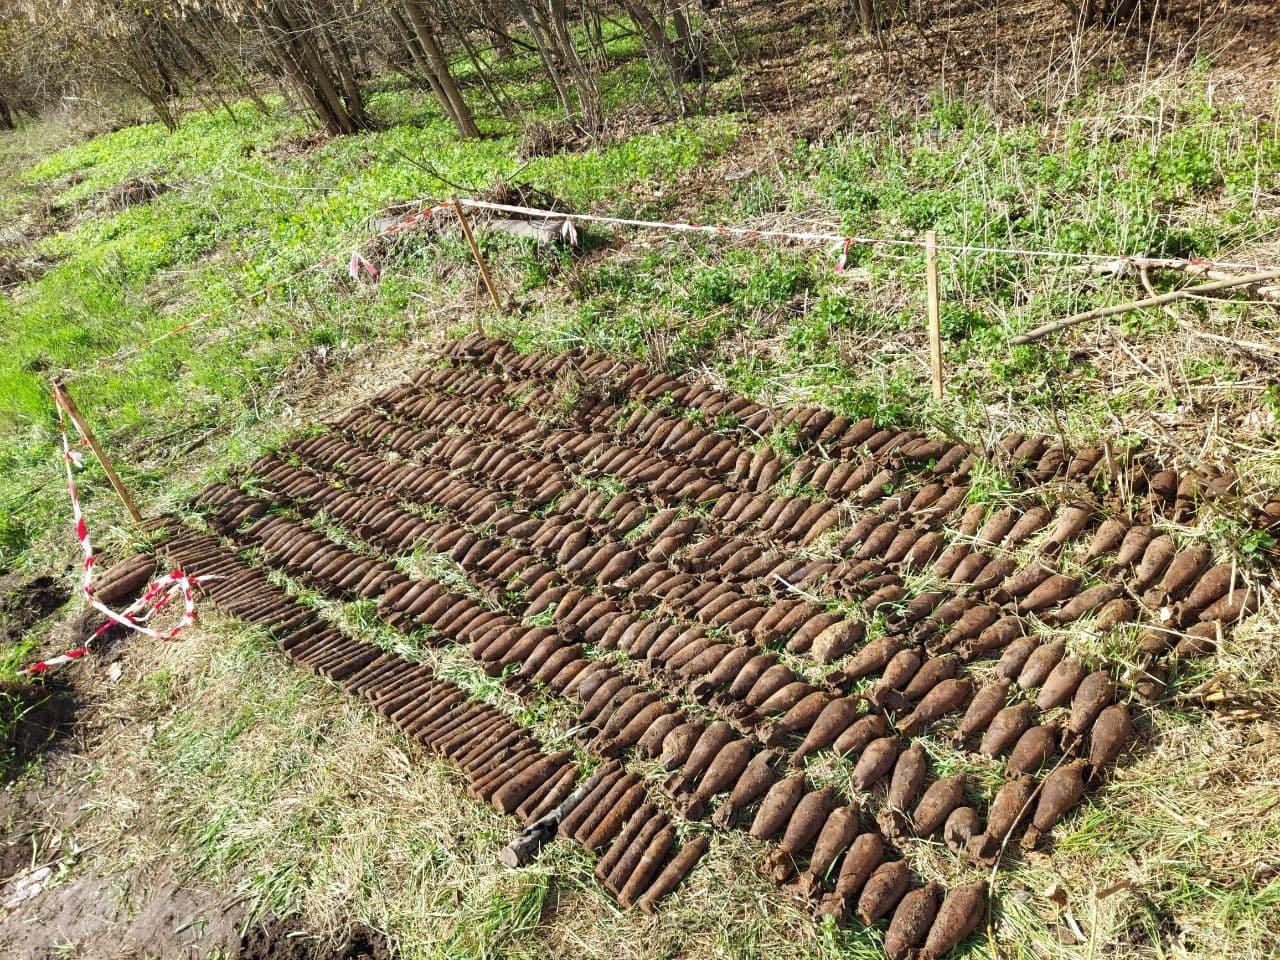 За минулий тиждень на Сумщині знешкоджено 215 застарілих боєприпасів, фото-1